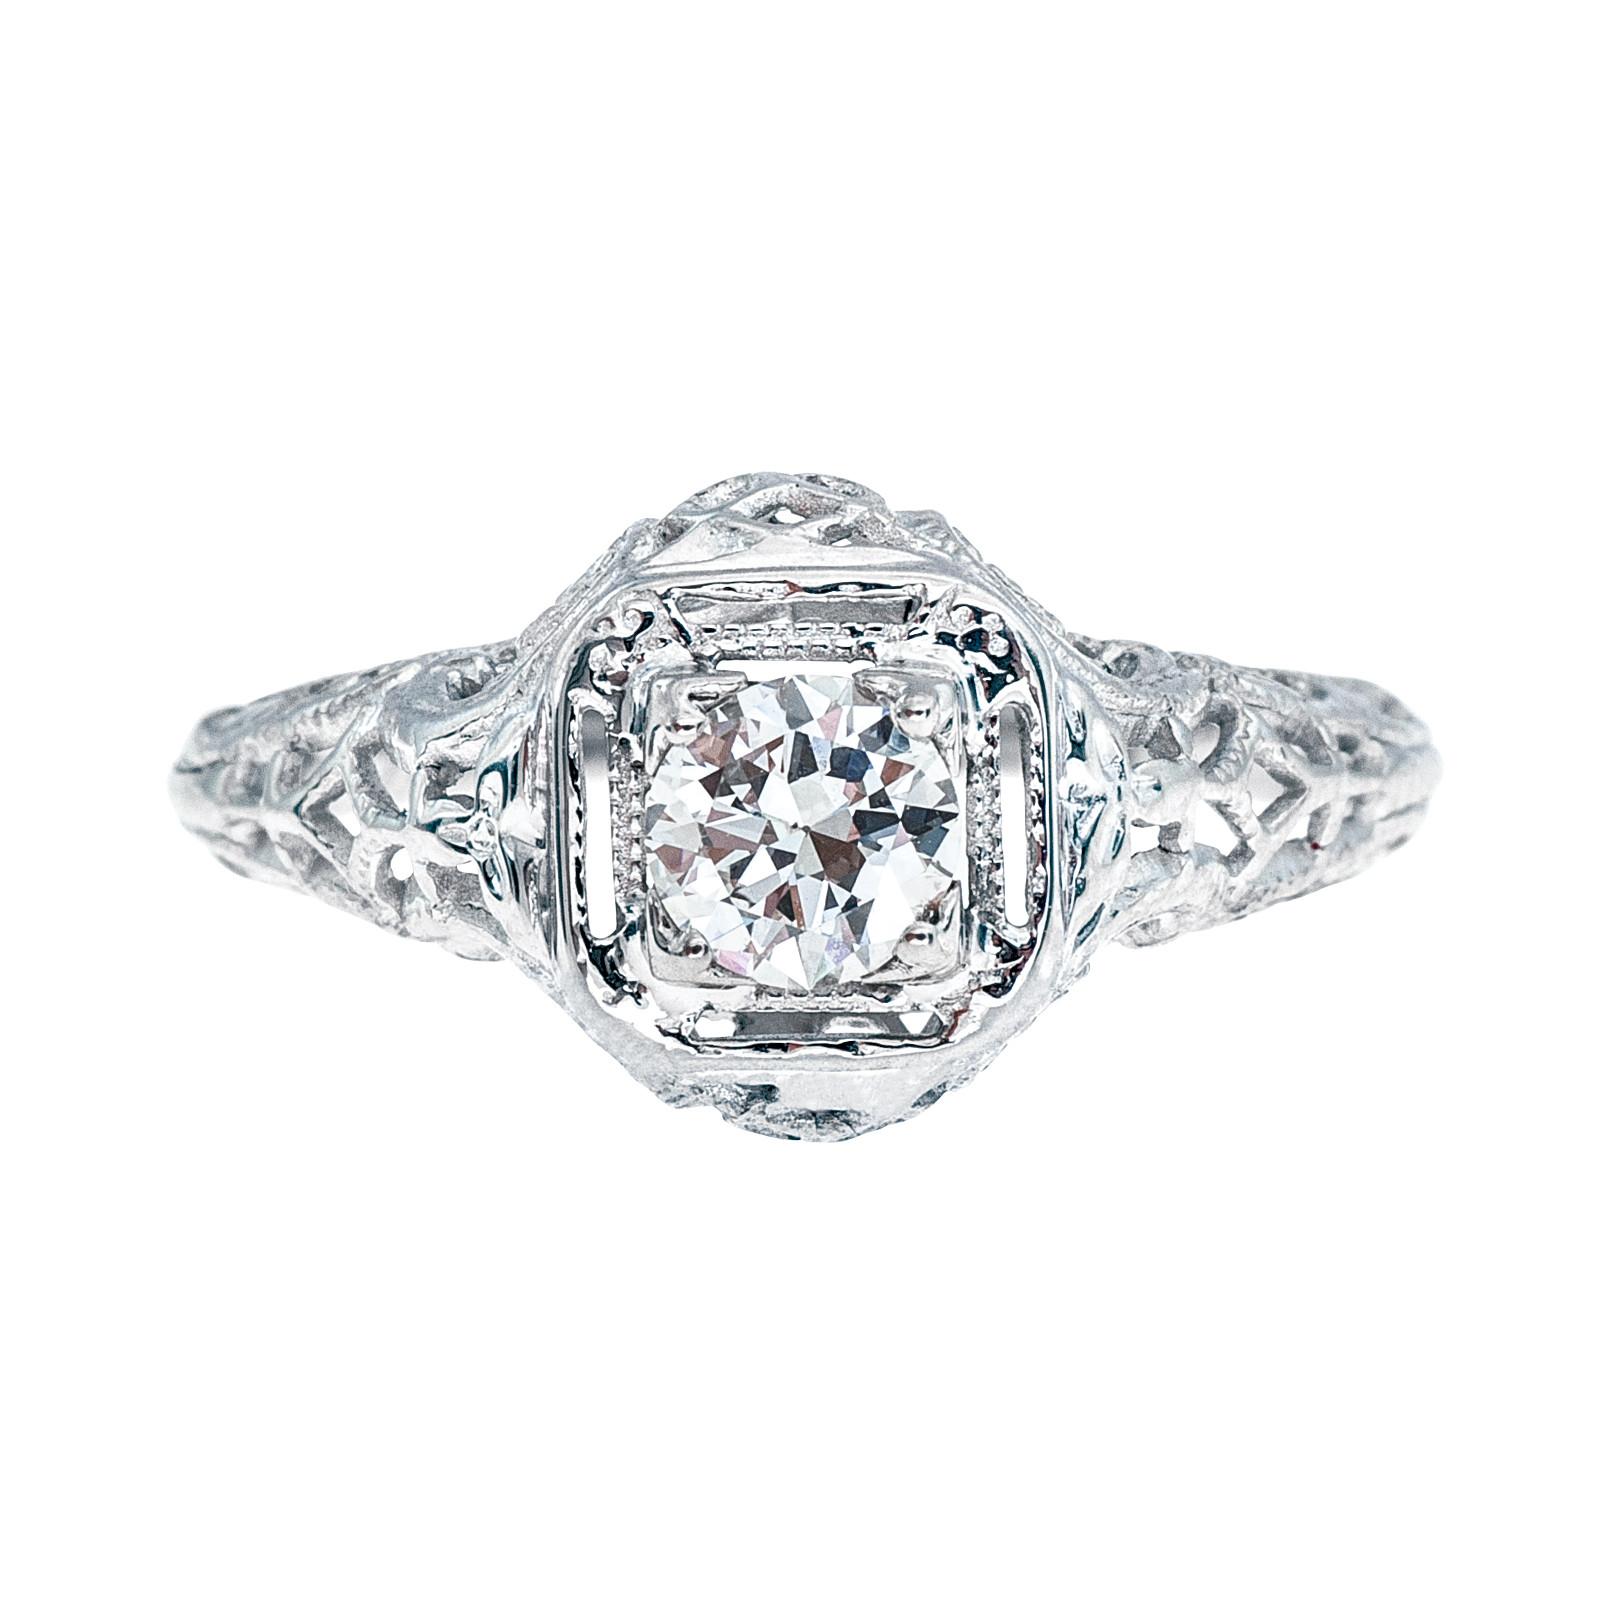 Antique 0.28 CT Diamond Engagement Ring